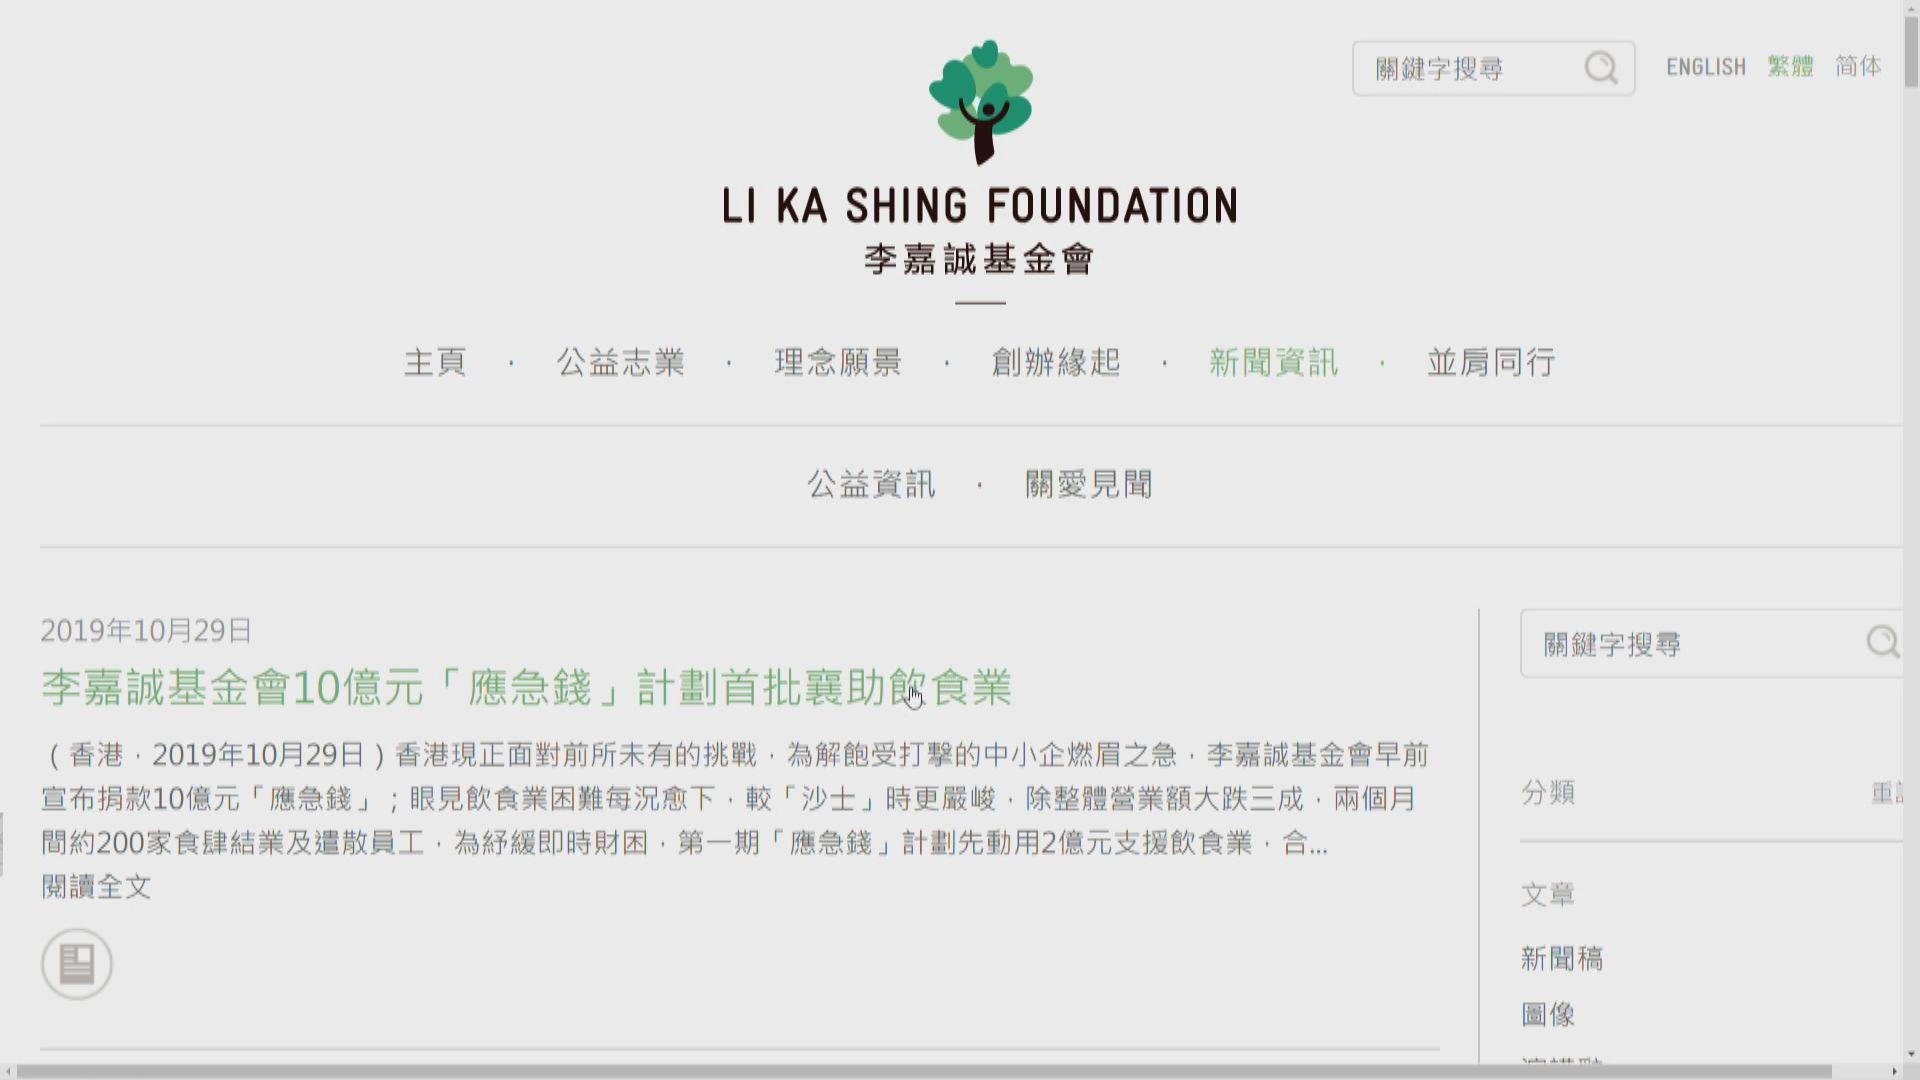 【解燃眉之急】李嘉誠基金會派「應急錢」助中小型食肆 每間可獲$60000